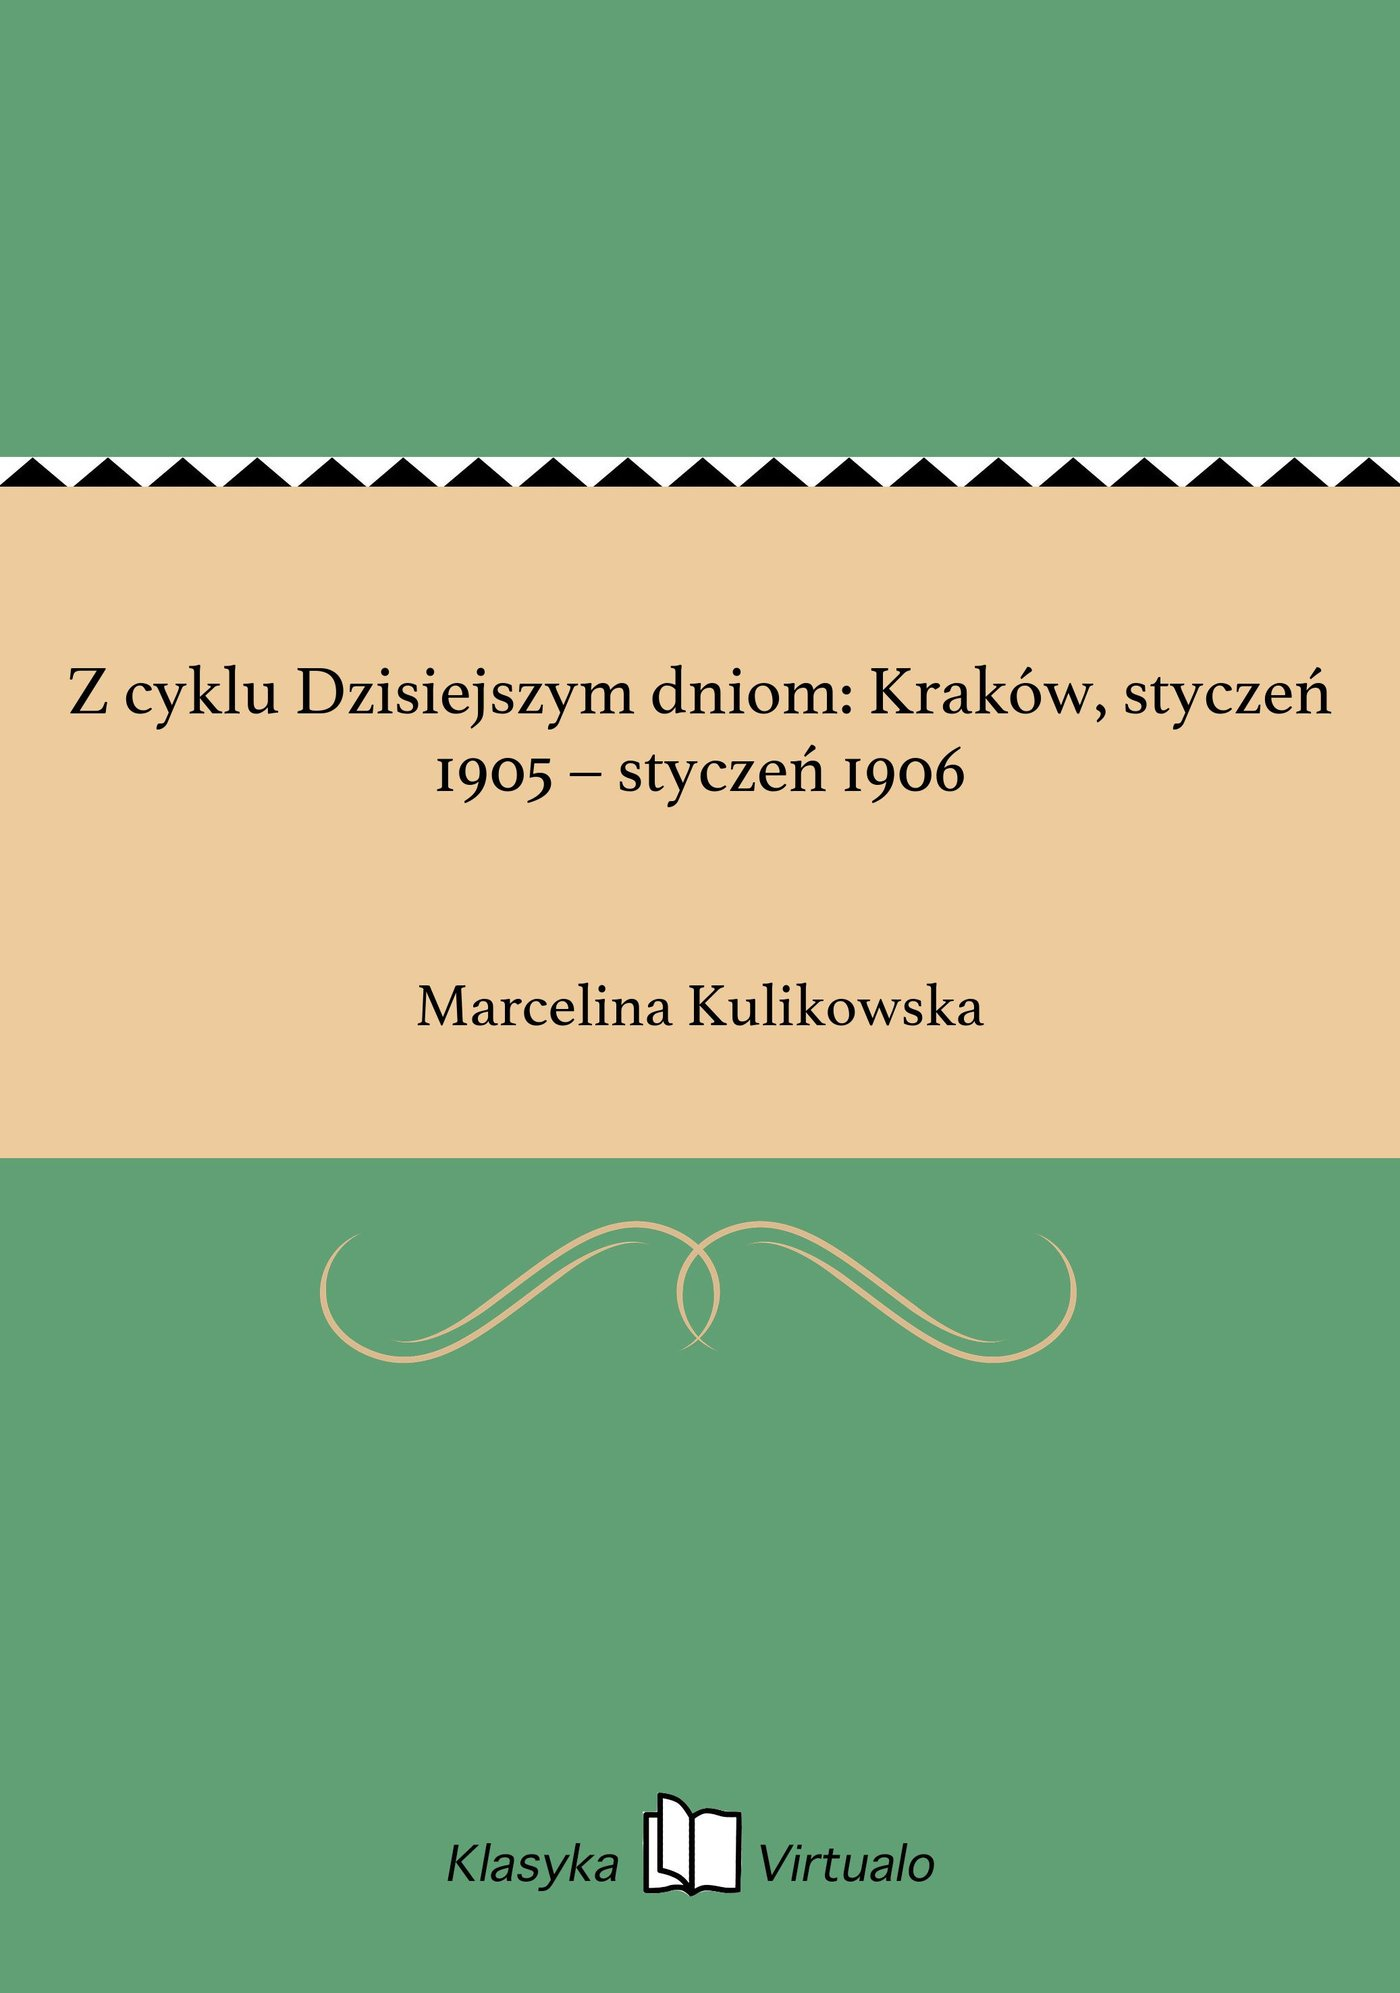 Z cyklu Dzisiejszym dniom: Kraków, styczeń 1905 – styczeń 1906 - Ebook (Książka EPUB) do pobrania w formacie EPUB